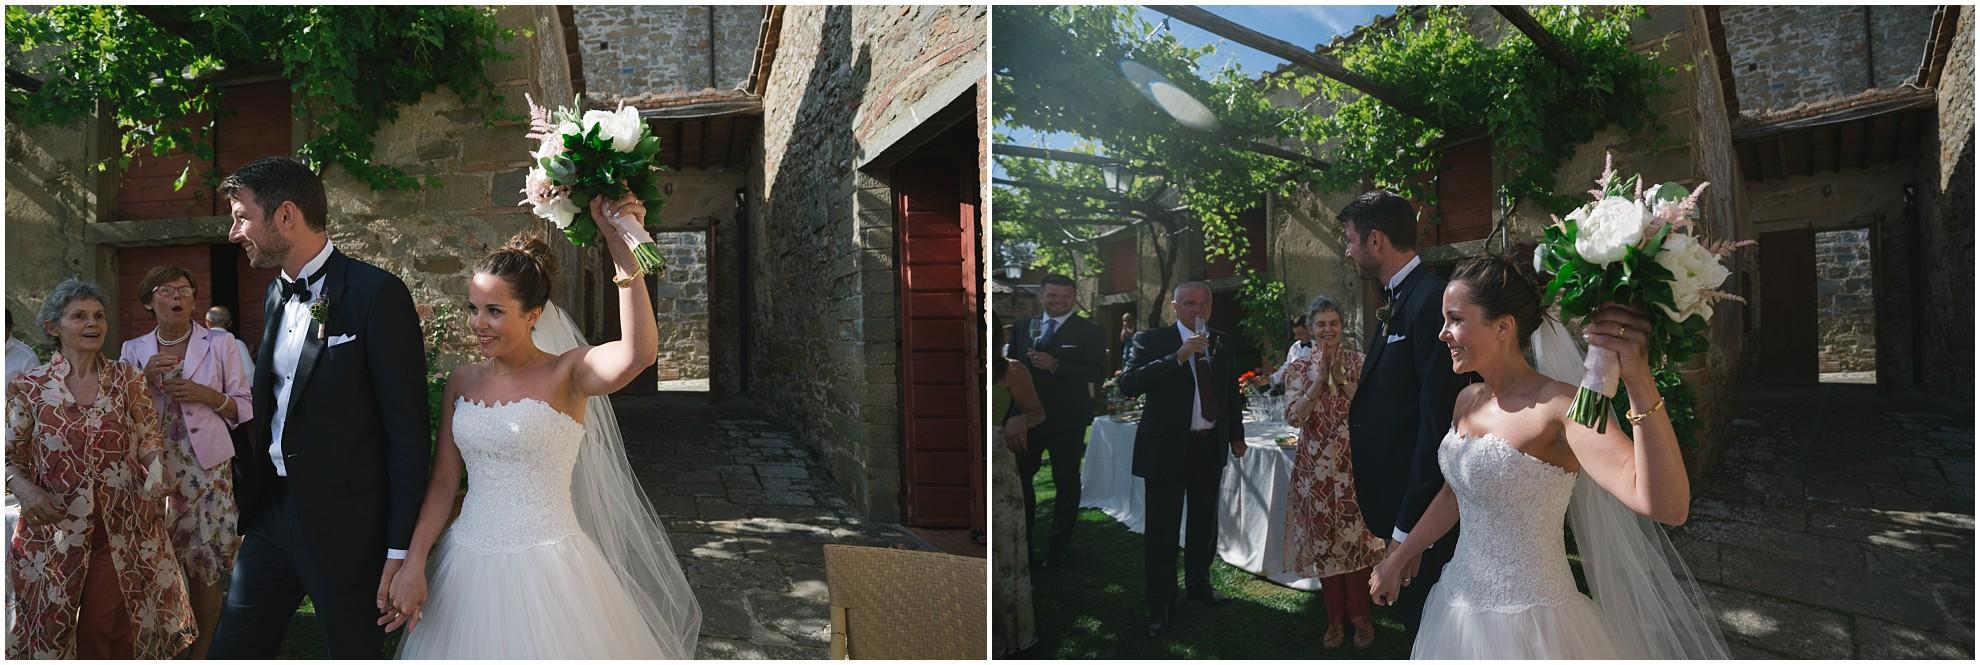 tuscany-wedding-photographer-064